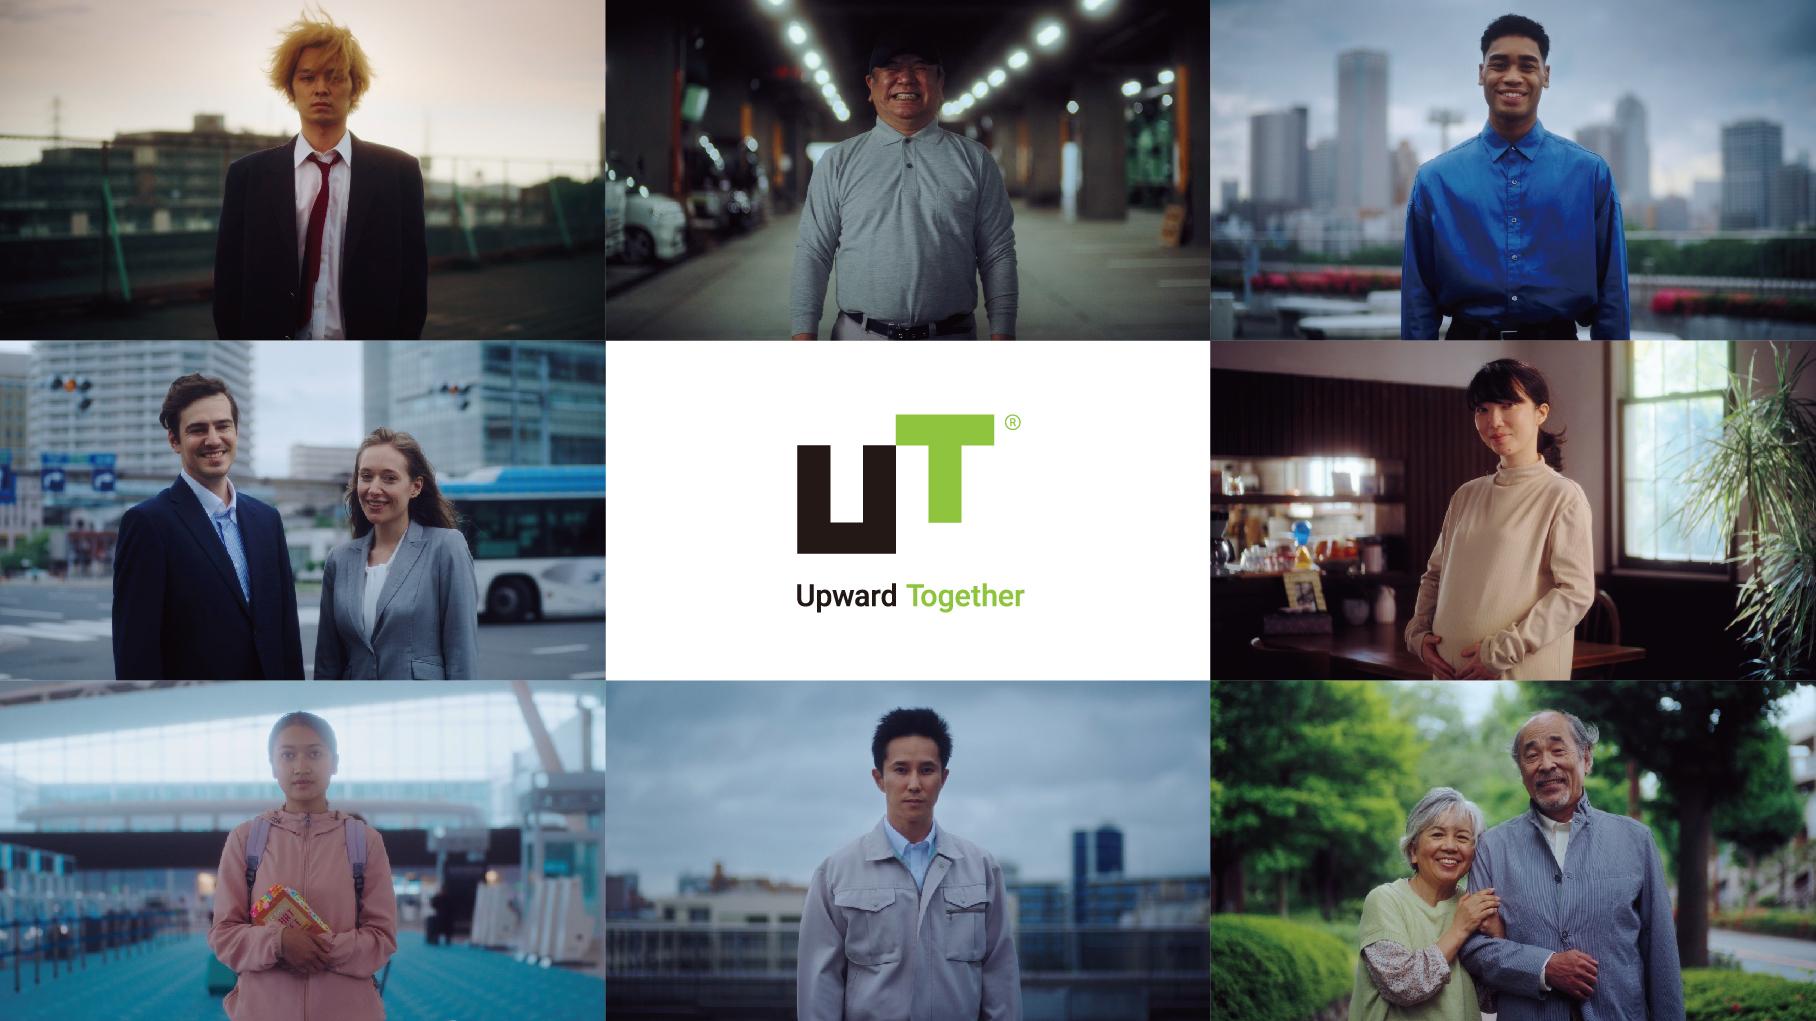 【UTグループ「企業理念ムービー」リリースのニュースがAdverTimesで取り上げられました】